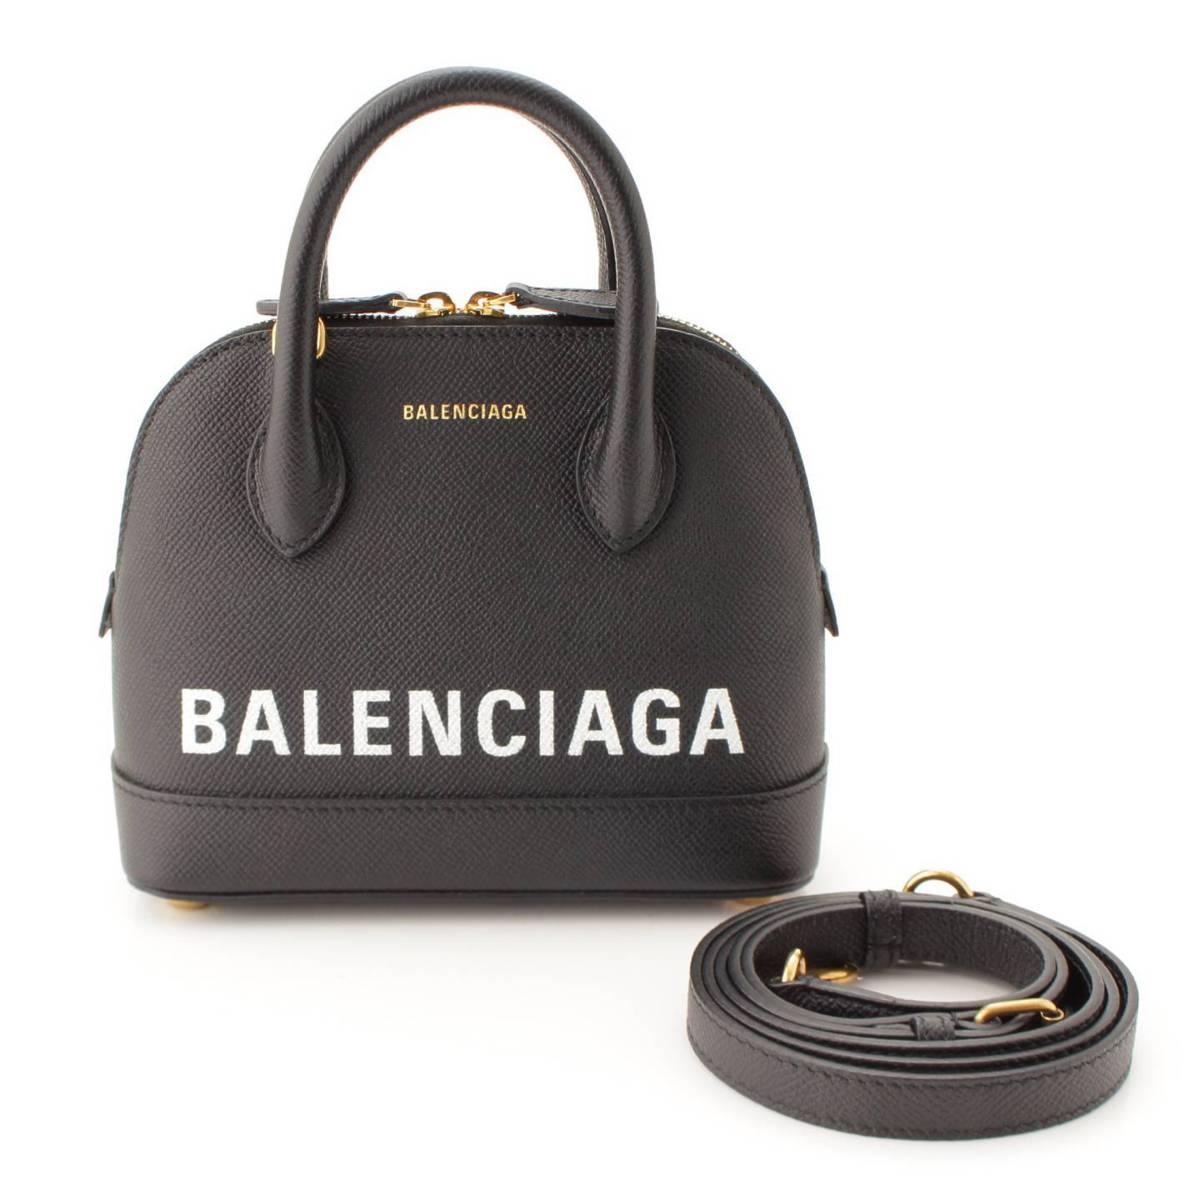 【バレンシアガ】Balenciaga ヴィル 2WAY トンハンドルバッグ 550646 ブラック 【中古】【鑑定済・正規品保証】88135